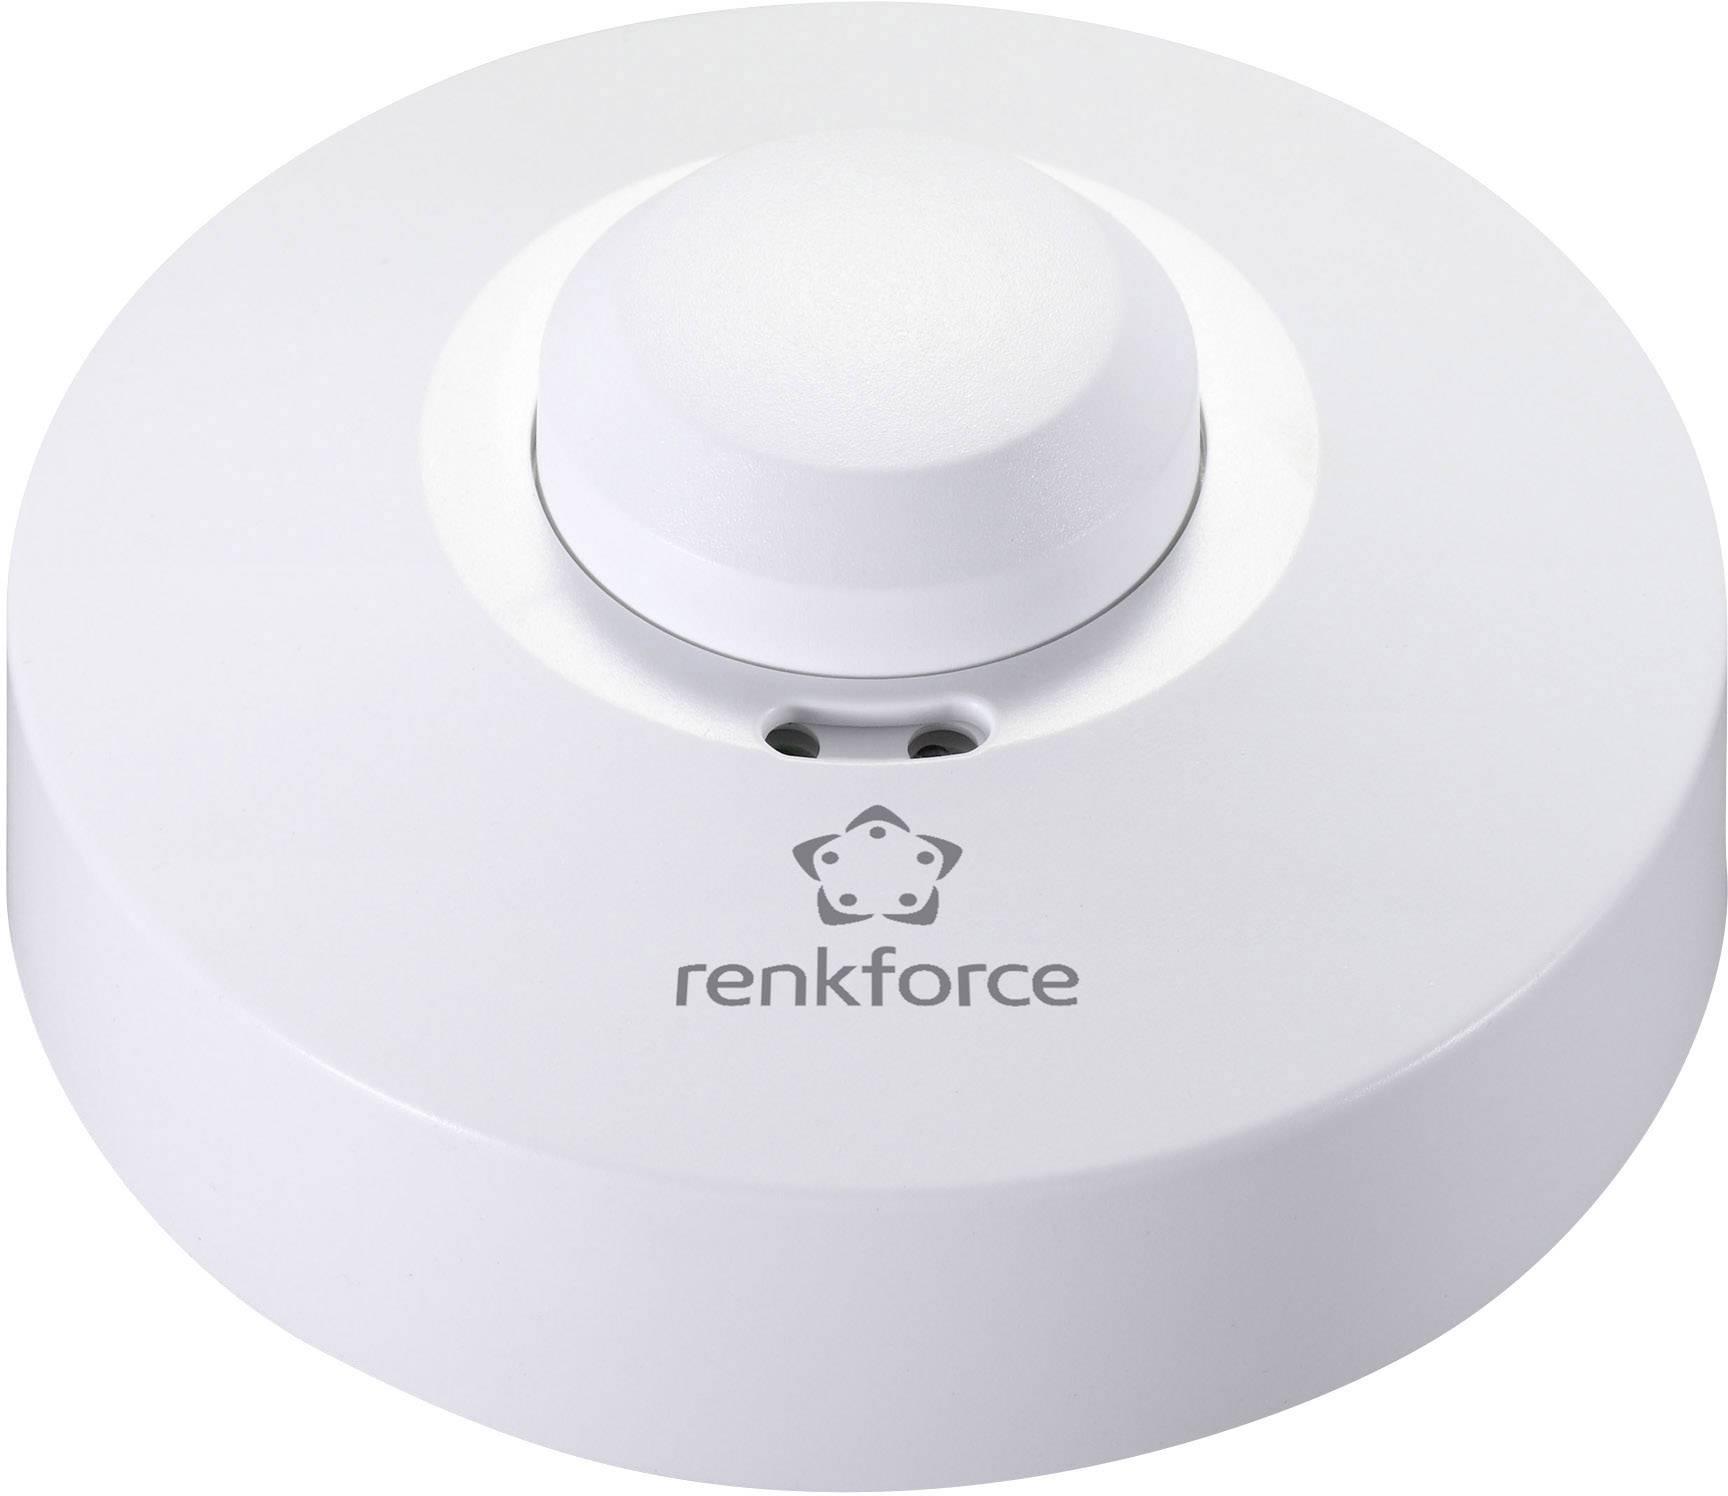 Vysokofrekvenčný senzor pohybu Renkforce 1362921, 360 °, relé, biela, IP20